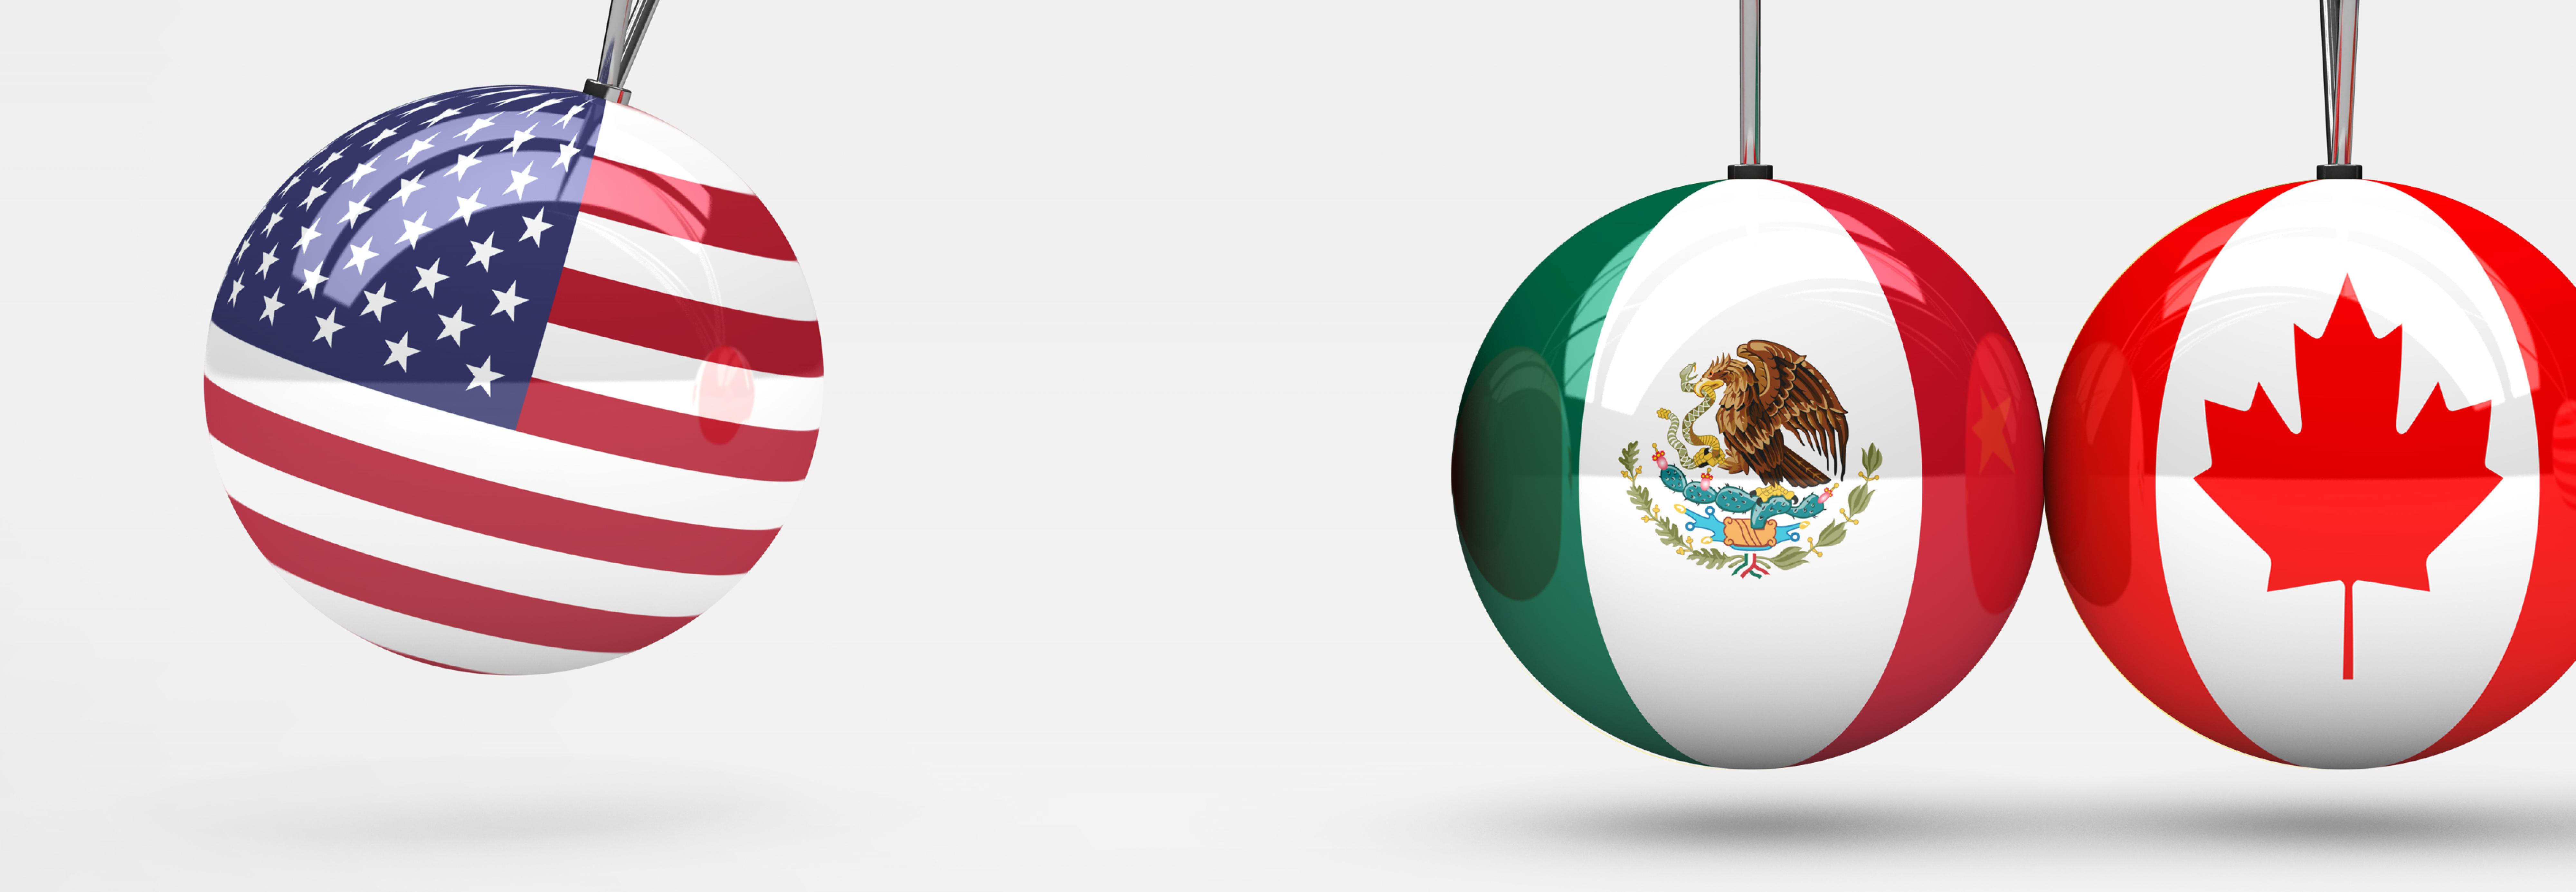 NAFTA: a thorny agreement